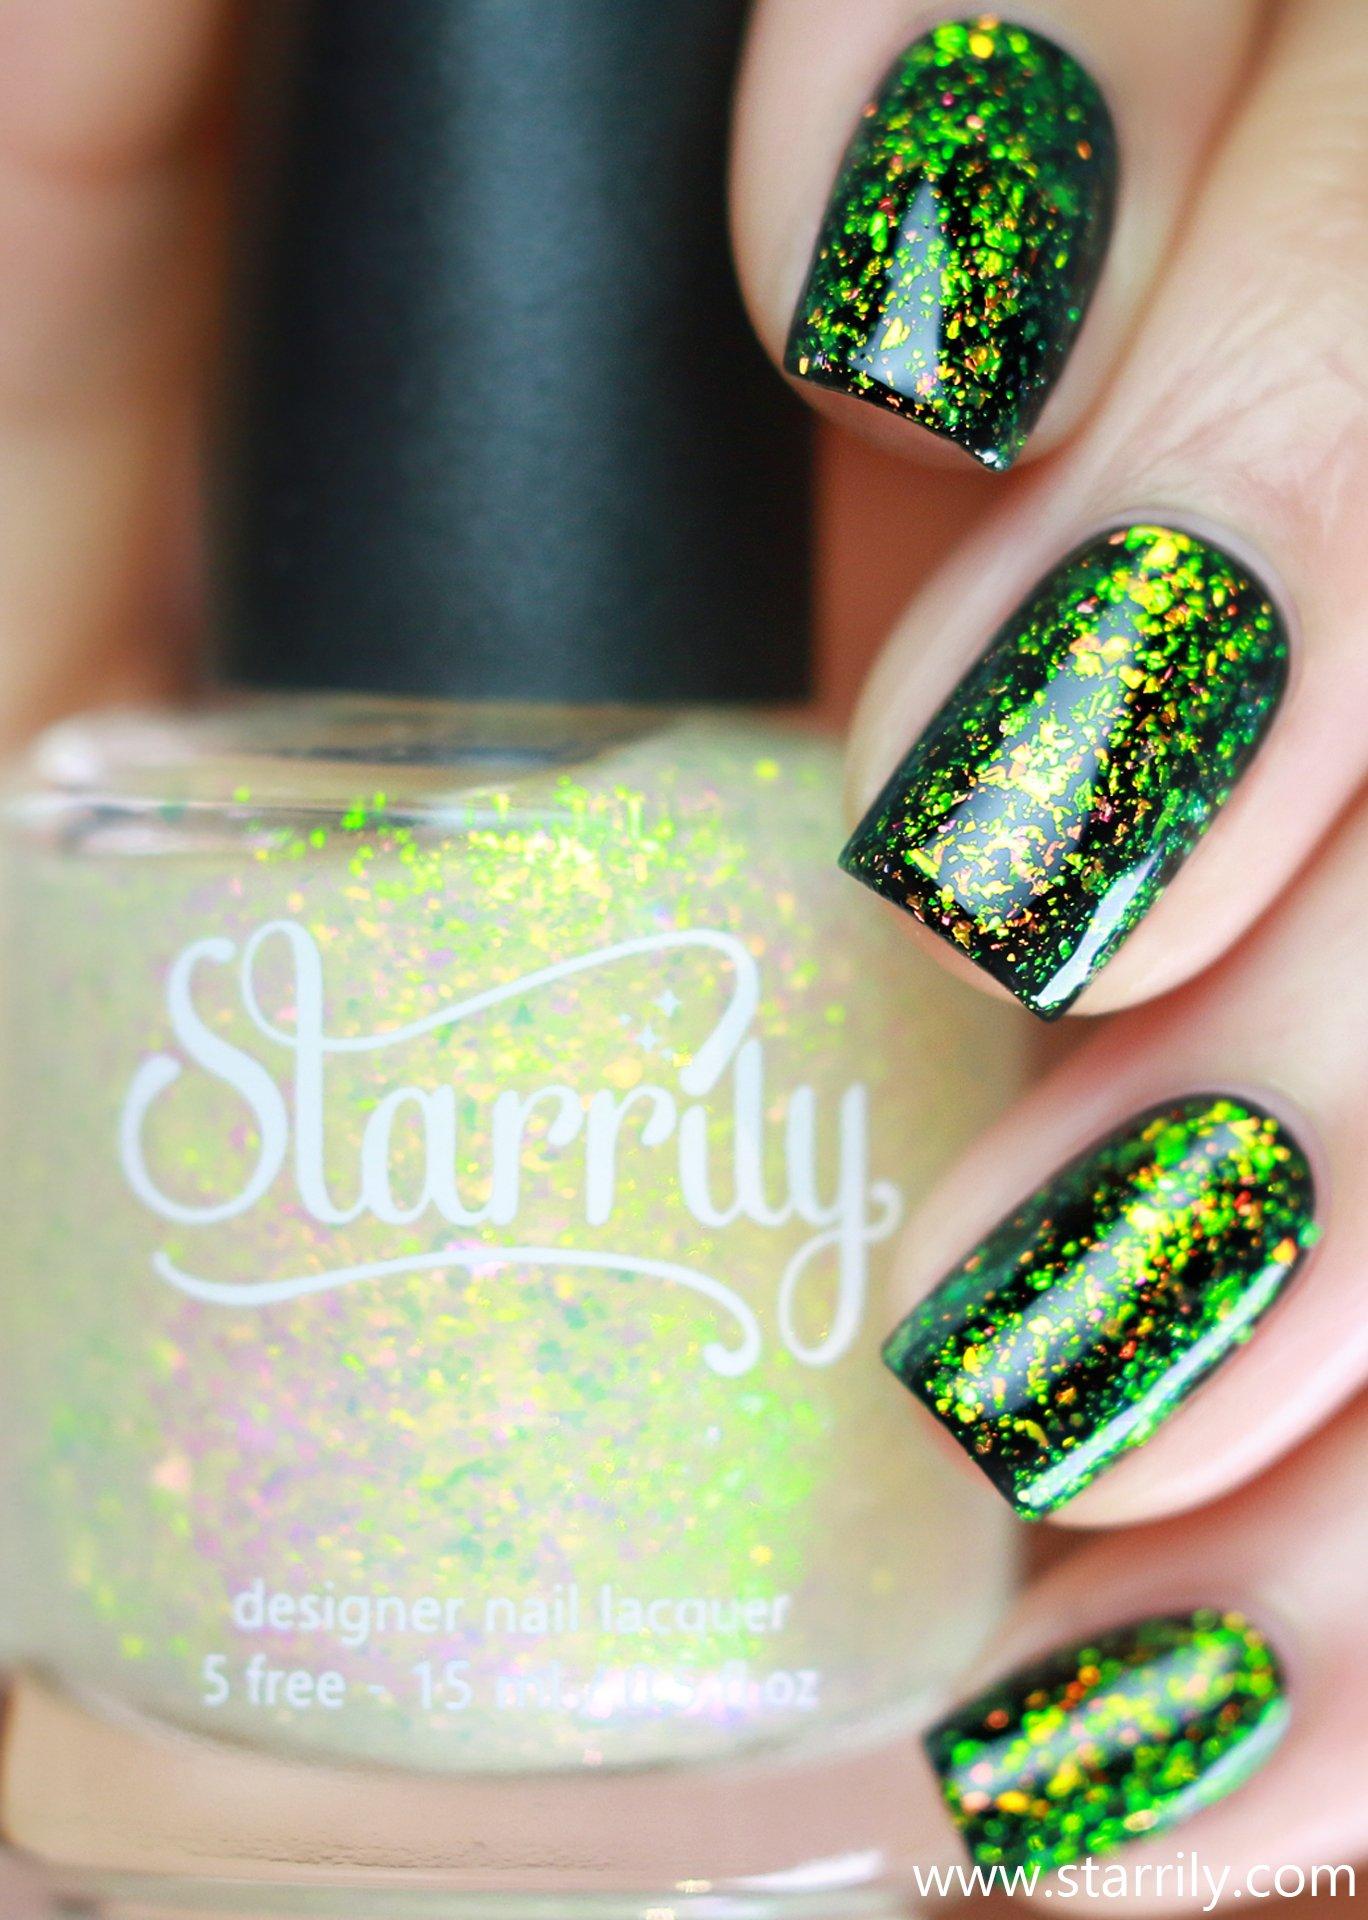 Starrily Nail Polish - Nail-Artisan